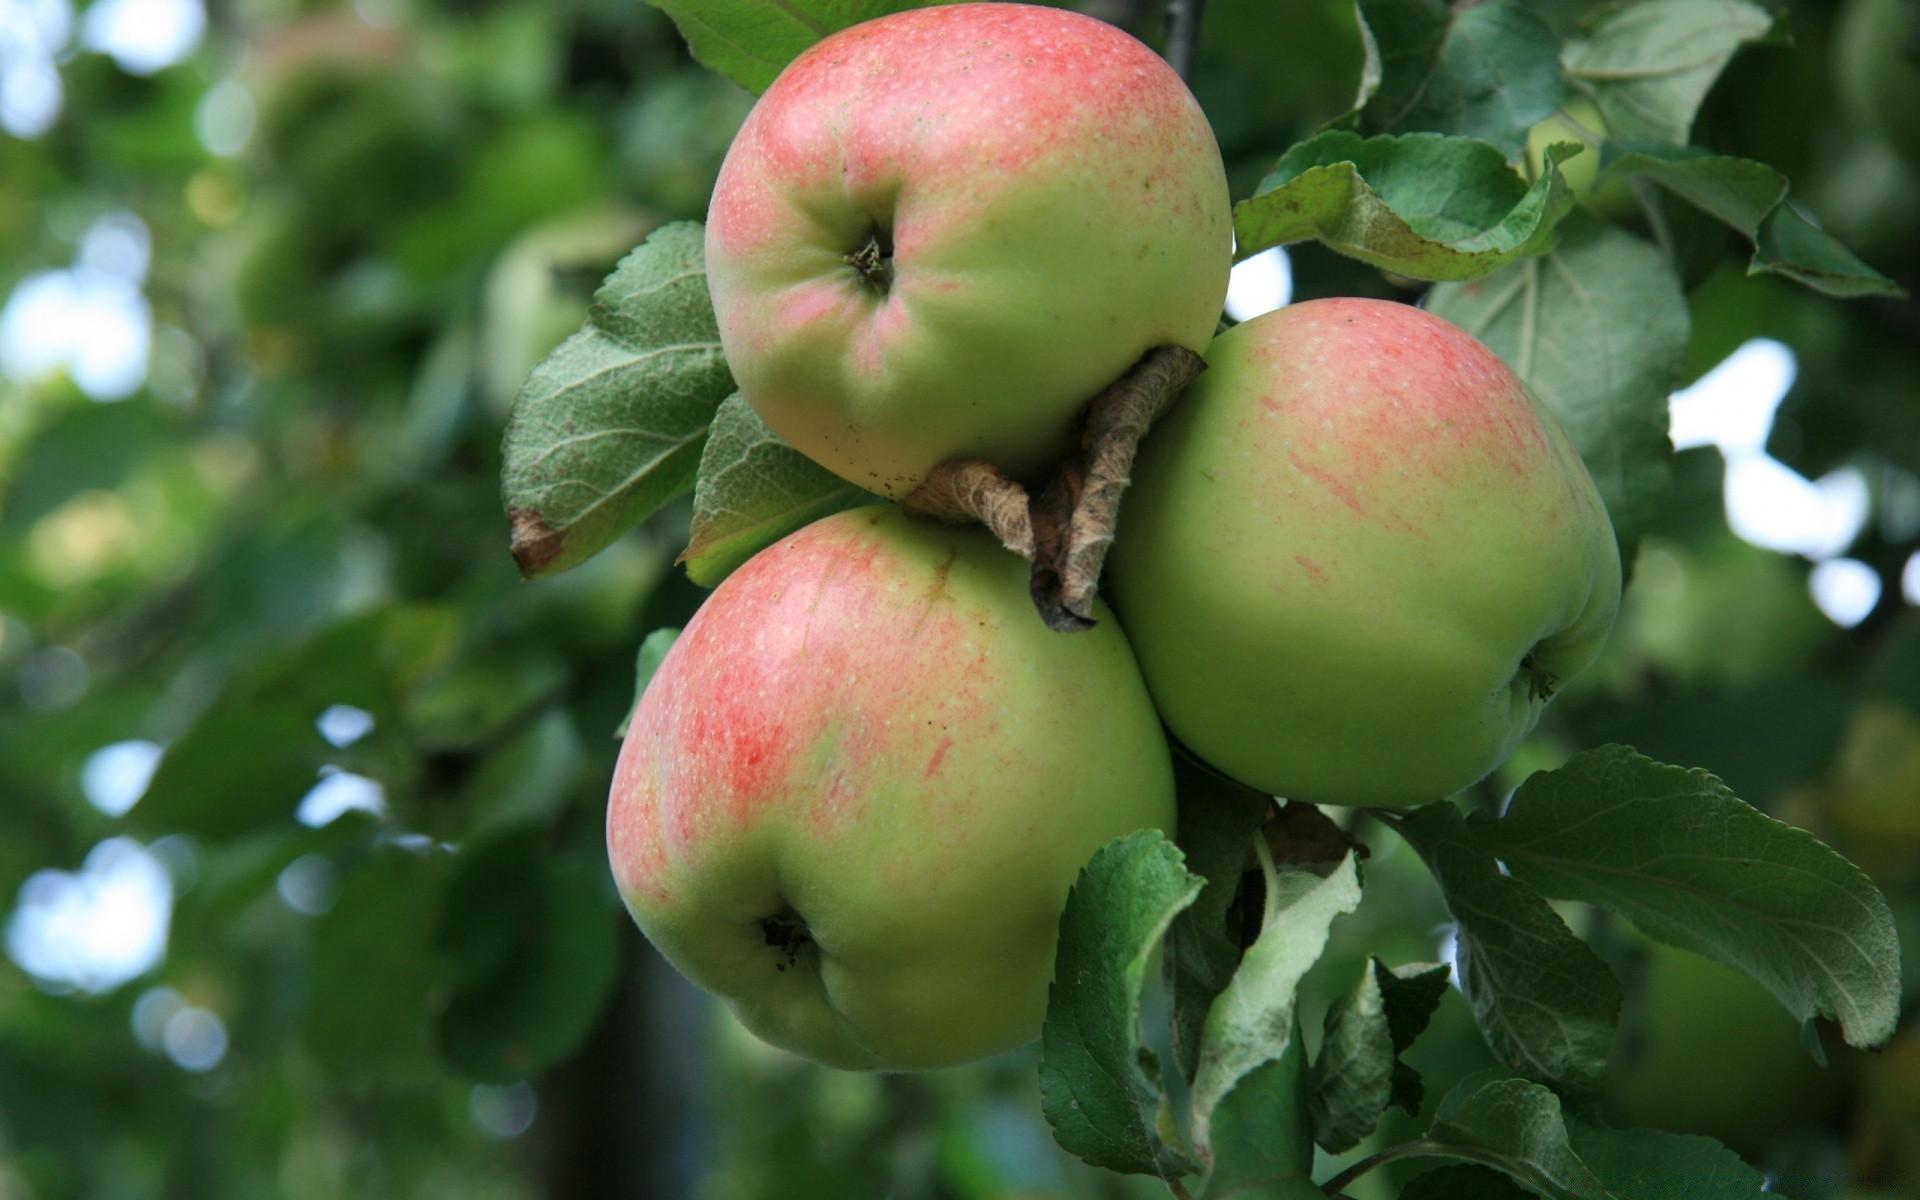 Яблоня с зелеными яблоками - обои на Андроид бесплатно.